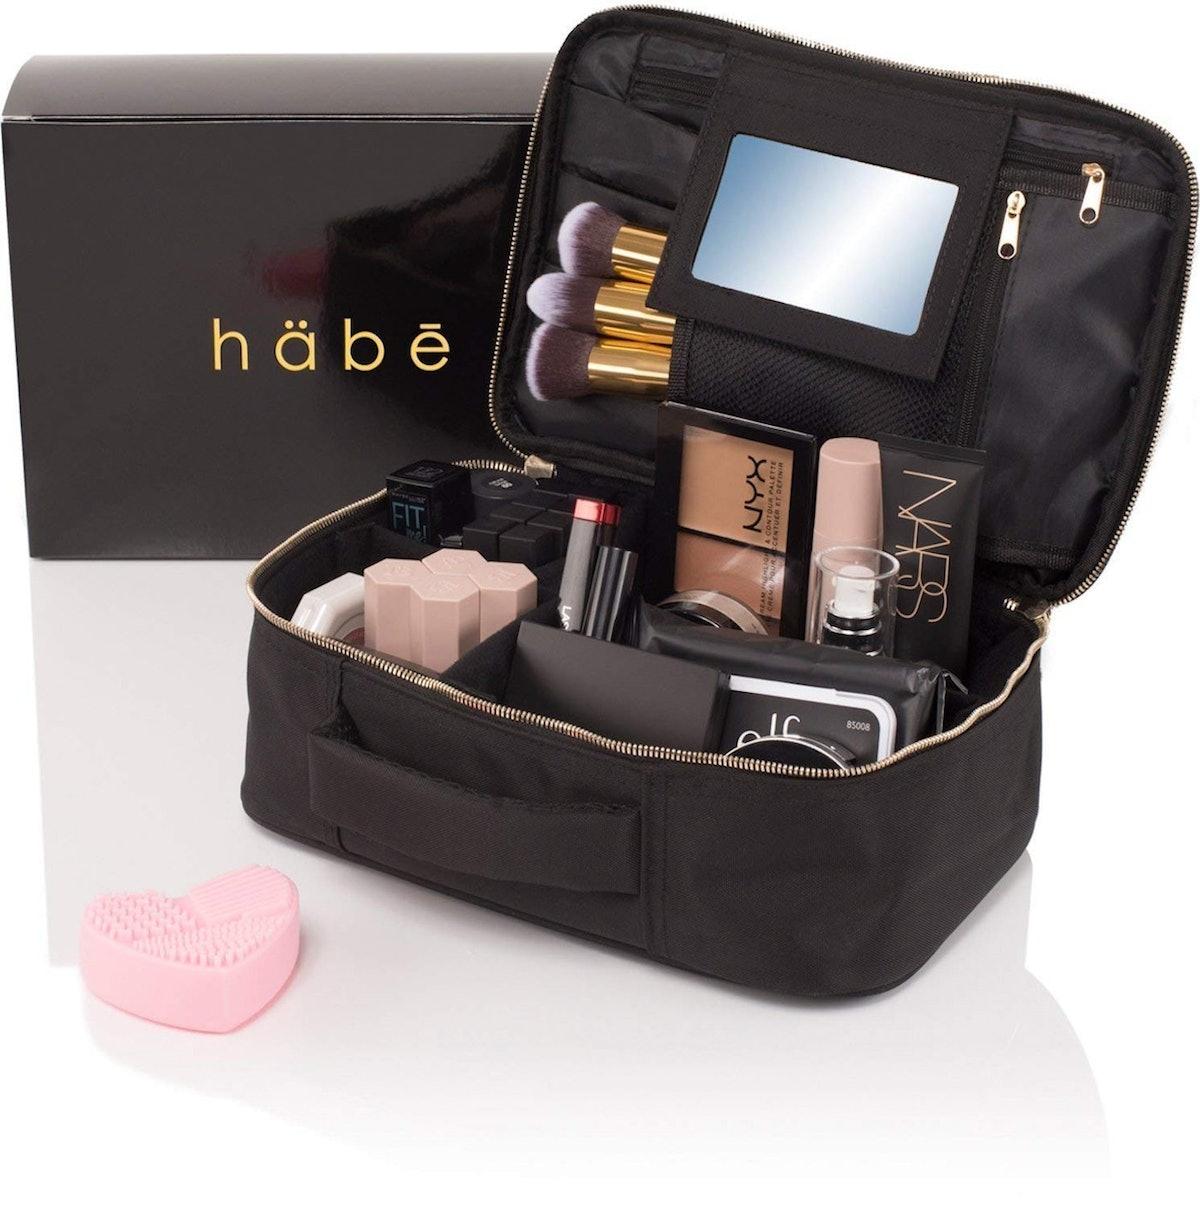 häbe Travel Makeup Bag